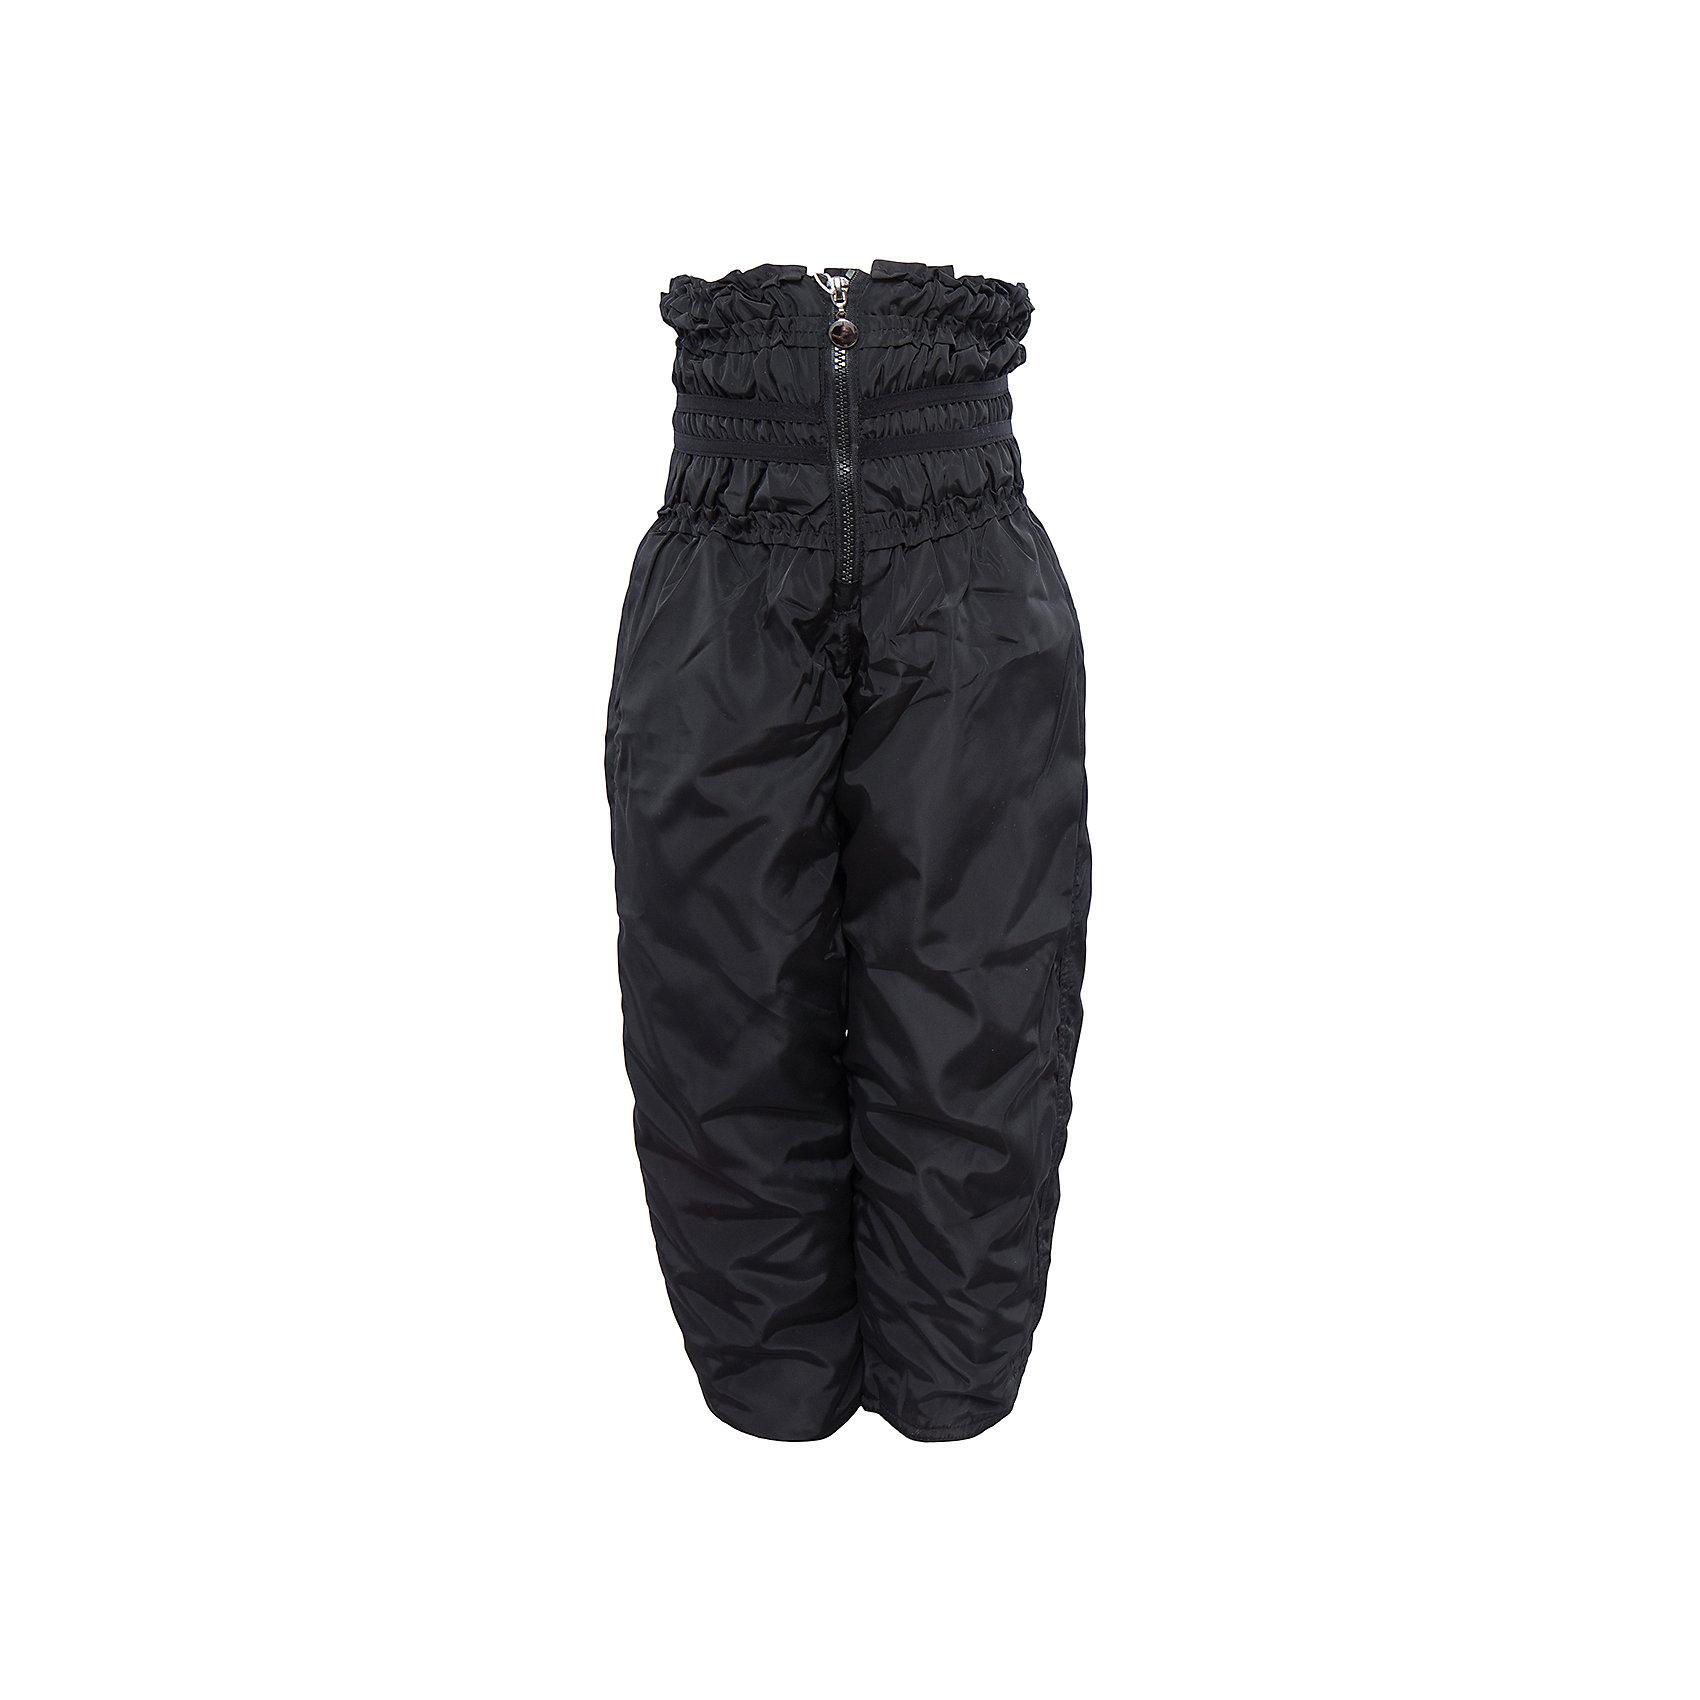 Брюки для девочки Sweet BerryВерхняя одежда<br>Такая модель брюк для девочки отличается теплой подкладкой и непромокаемым верхом. Удачный крой обеспечит ребенку комфорт и тепло. Мягкая и теплая подкладка делает вещь идеальной для прохладной погоды. Она плотно прилегает к телу там, где нужно, и отлично сидит по фигуре. Брюки имеют резинку на завышенной талии. <br>Одежда от бренда Sweet Berry - это простой и выгодный способ одеть ребенка удобно и стильно. Всё изделия тщательно проработаны: швы - прочные, материал - качественный, фурнитура - подобранная специально для детей. <br><br>Дополнительная информация:<br><br>цвет: черный;<br>резинка на талии;<br>материал: верх, наполнитель, подкладка - 100% полиэстер;<br>непромокаемый верх.<br><br>Брюки для девочки от бренда Sweet Berry можно купить в нашем интернет-магазине.<br><br>Ширина мм: 215<br>Глубина мм: 88<br>Высота мм: 191<br>Вес г: 336<br>Цвет: черный<br>Возраст от месяцев: 24<br>Возраст до месяцев: 36<br>Пол: Женский<br>Возраст: Детский<br>Размер: 98,104,110,116,122,128<br>SKU: 4944853